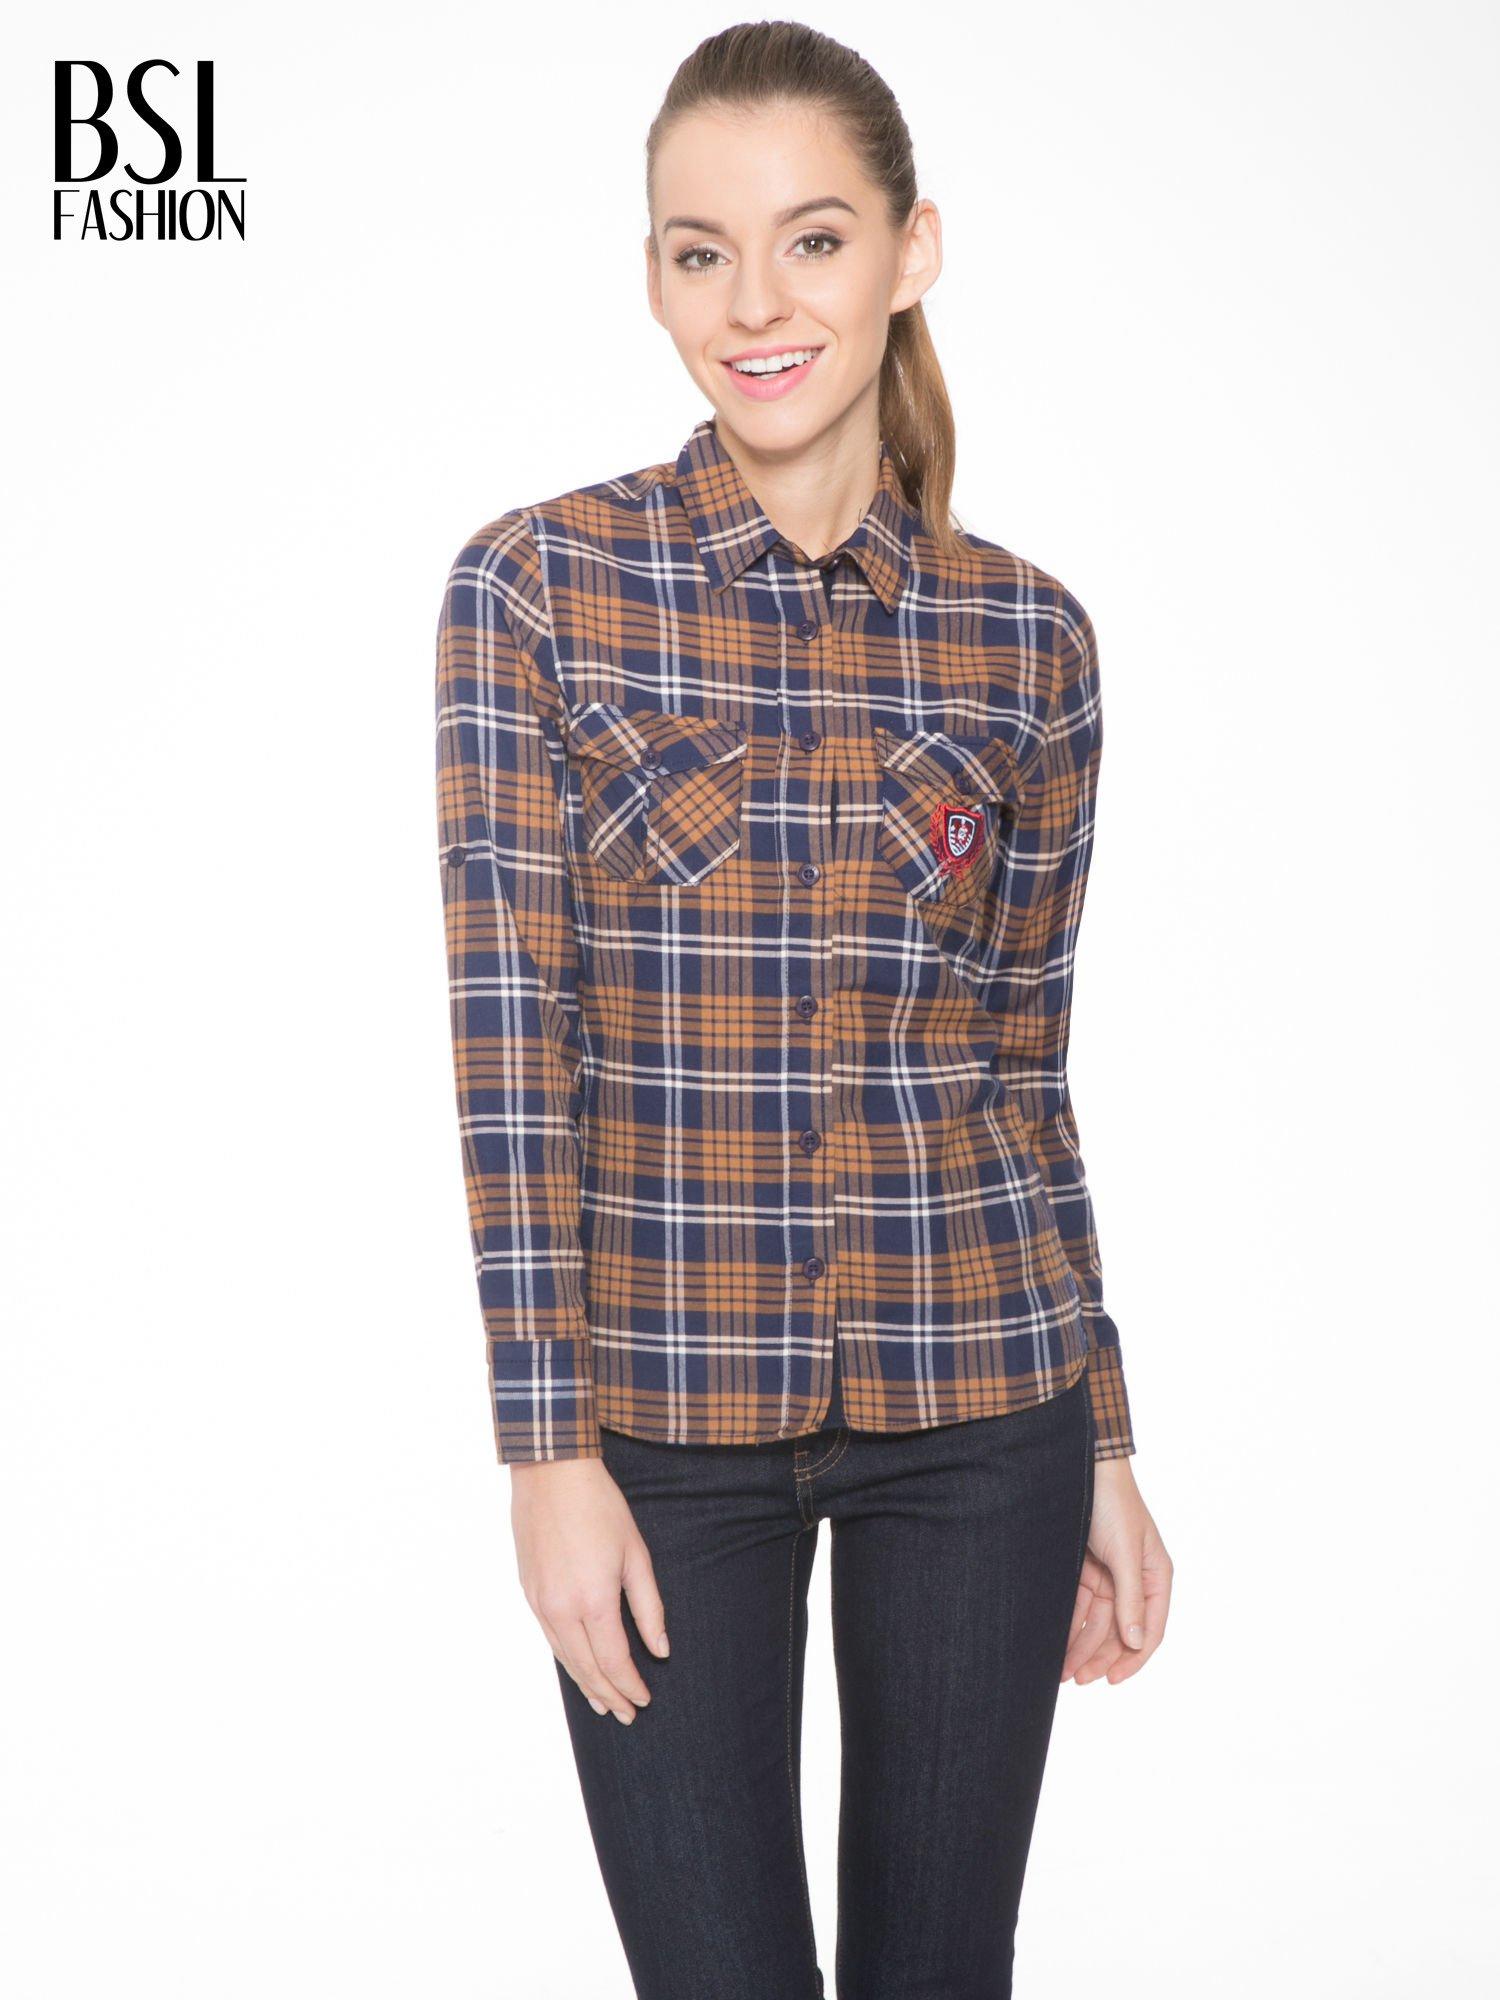 Brązowo-granatowa damska koszula w kratę z kieszonkami i naszywką                                  zdj.                                  1